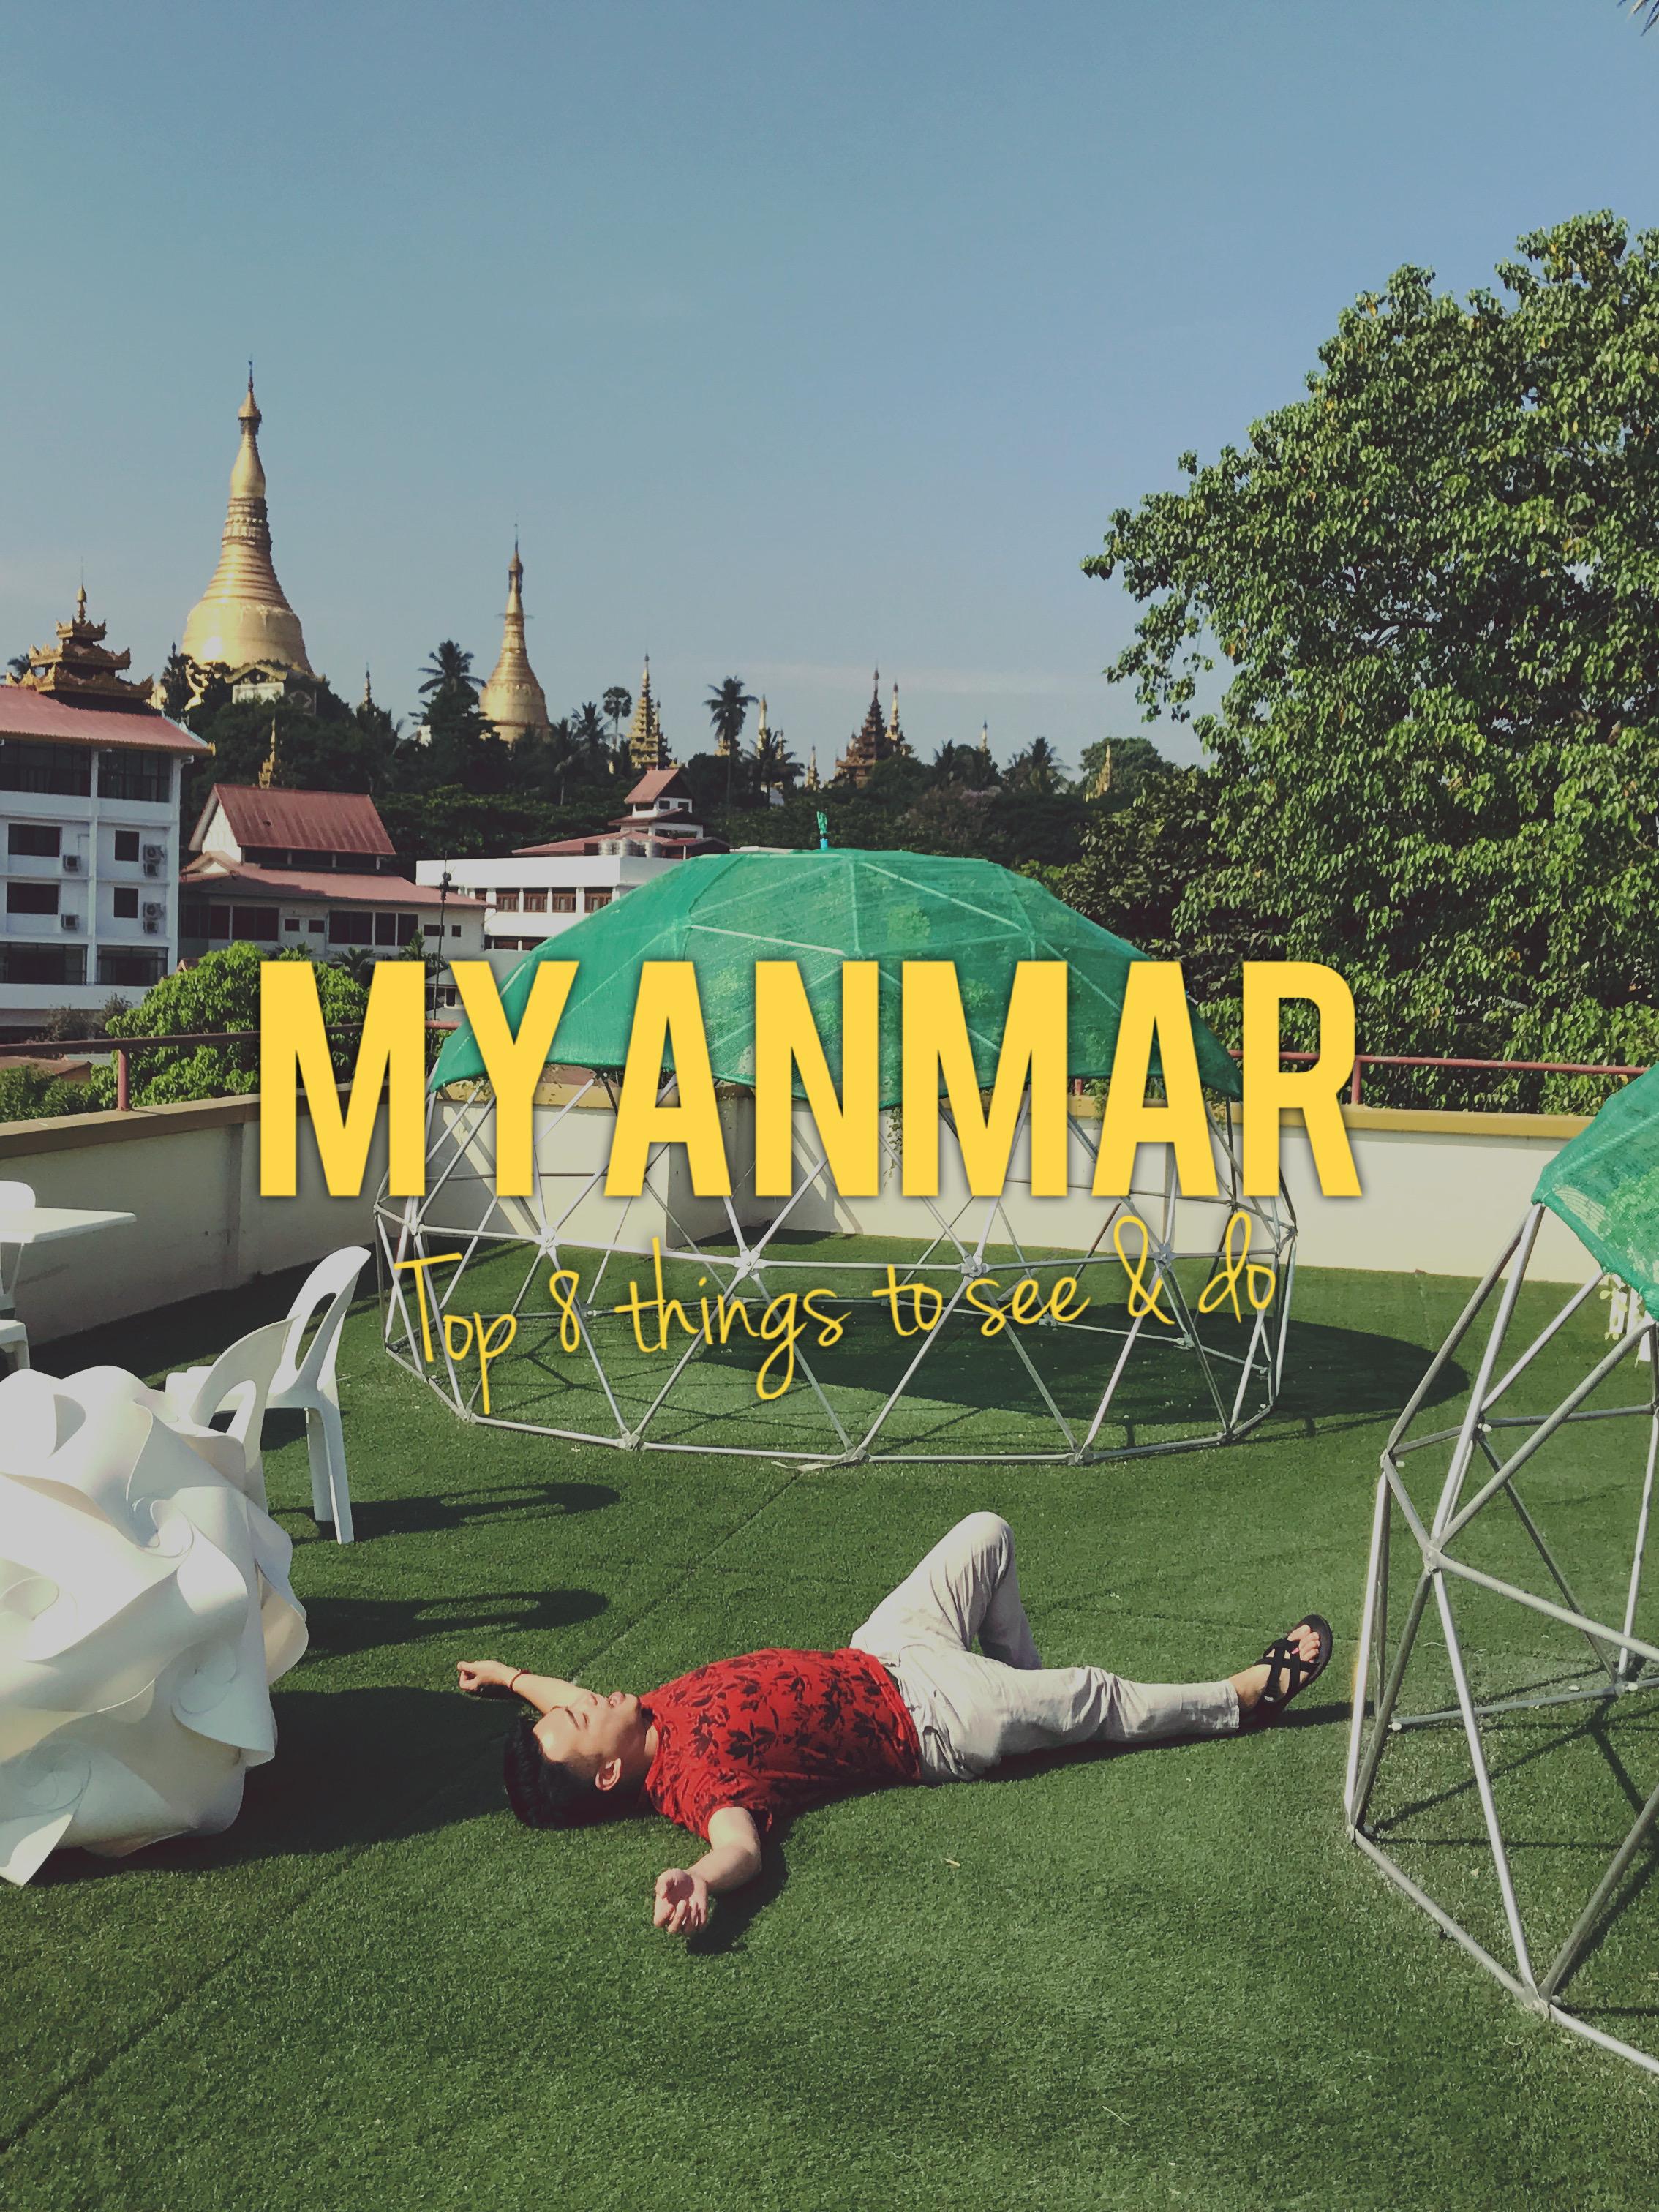 Top 8 Things to See, Explore, & Feel in Myanmar